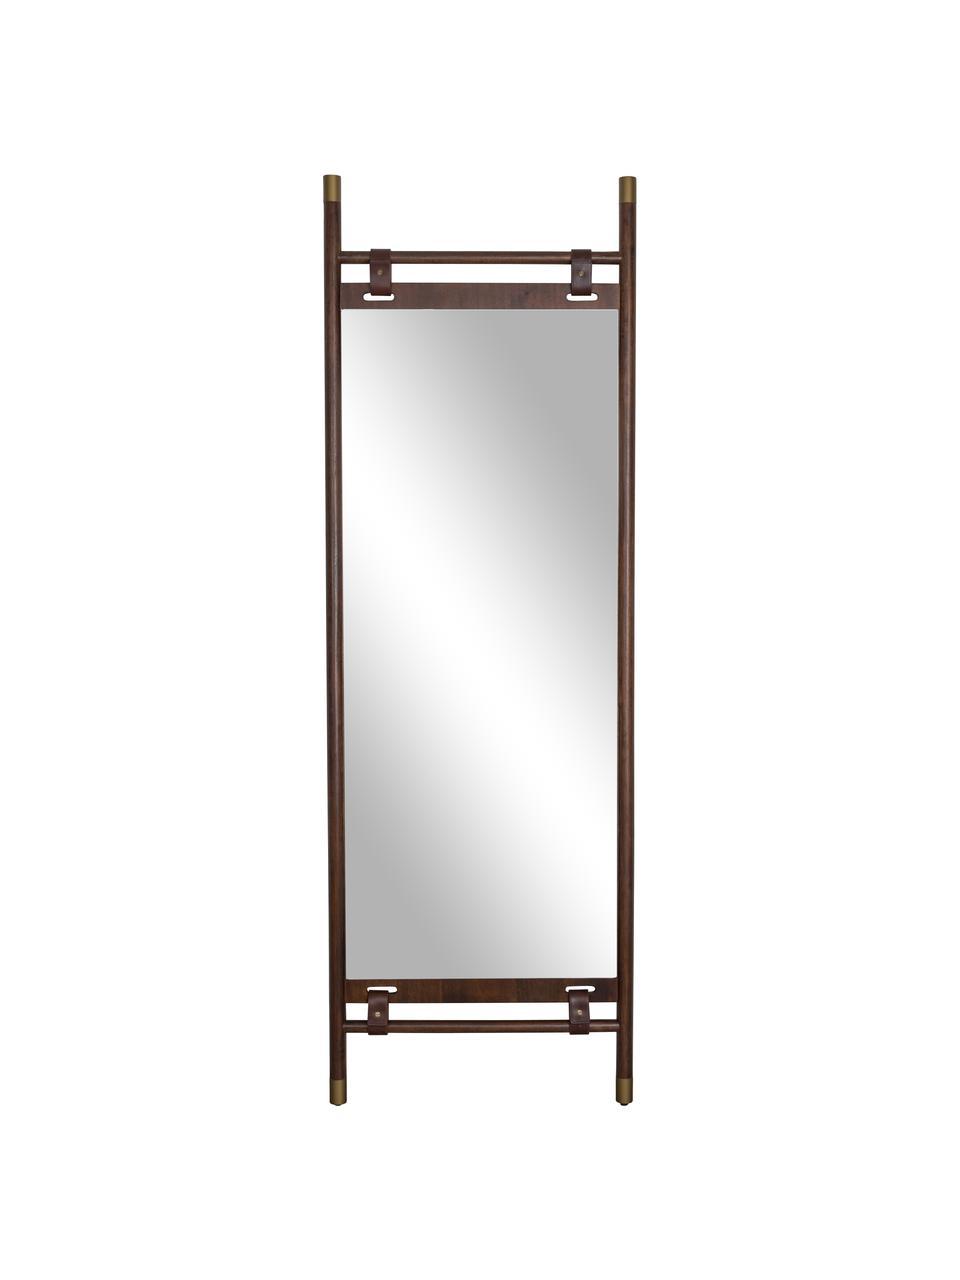 Lustro stojące z drewnianą ramą Riva, Ciemny brązowy, S 60 x W 180 cm